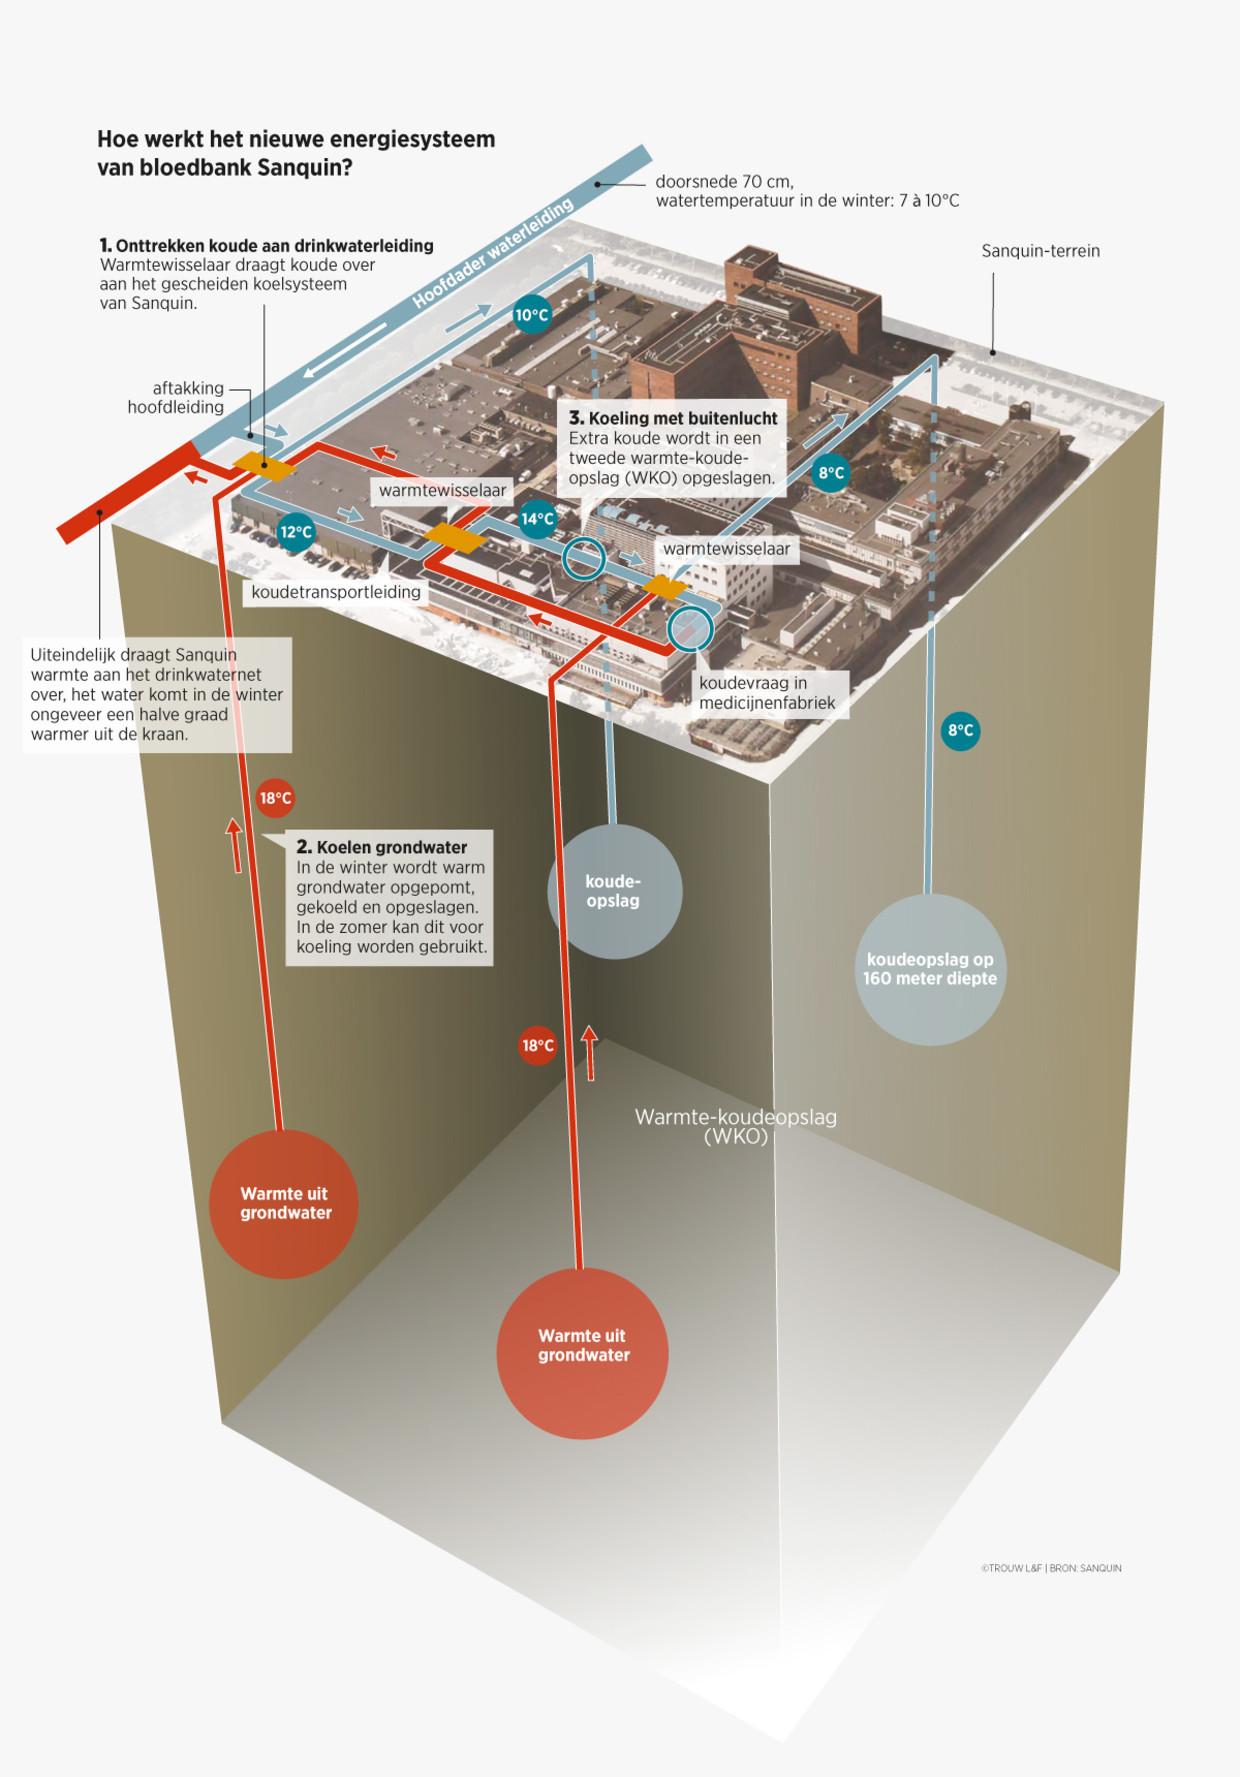 https://www.trouw.nl/nieuws/bloedbank-heeft-primeur-met-energie-uit-koud-drinkwater~bfb587c9/